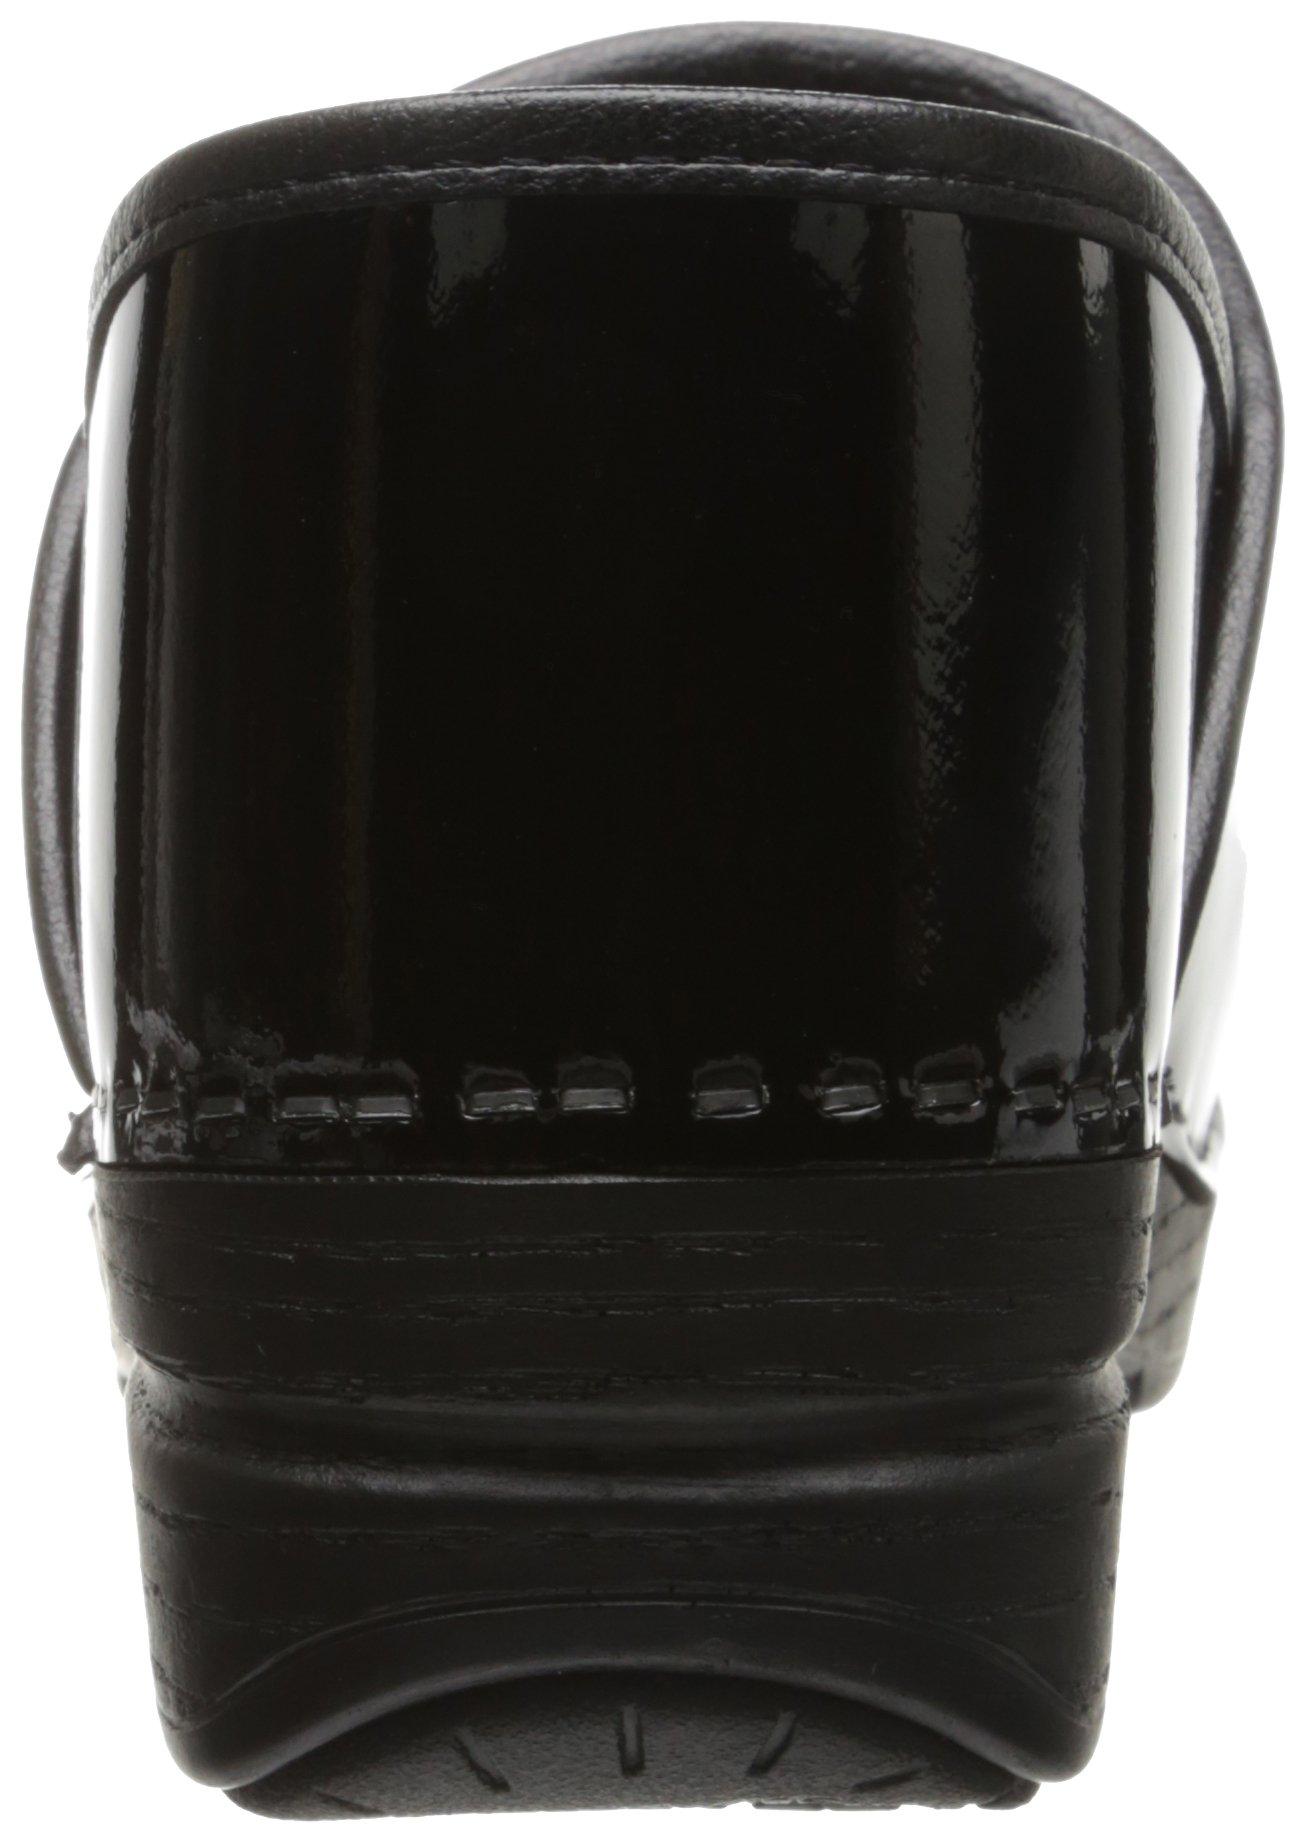 Dansko Women's Pro XP Mule,  Black Patent, 38 EU/7.5-8 M US by Dansko (Image #2)